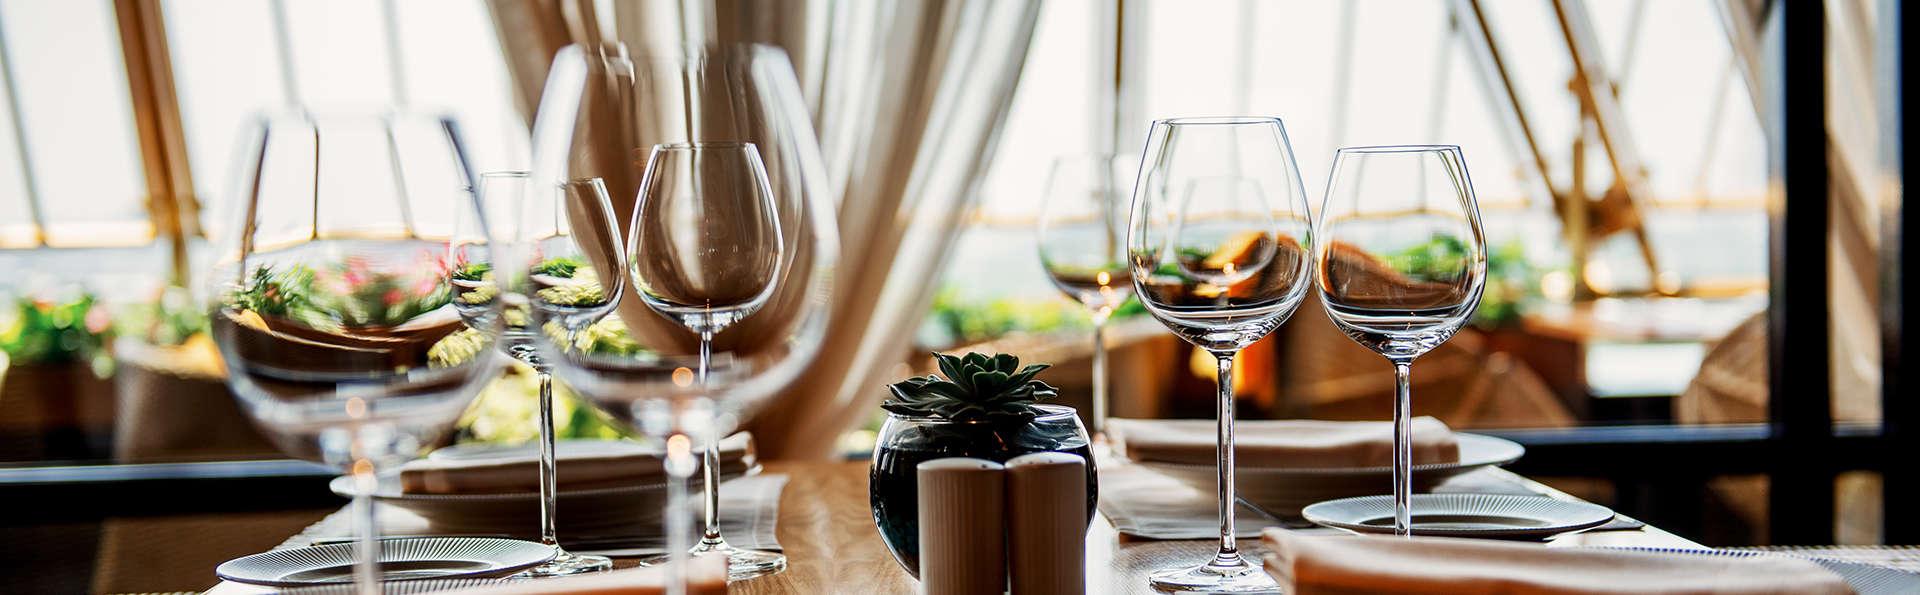 Dîner, détente et dégustation de vin au cœur des vignobles du Jura